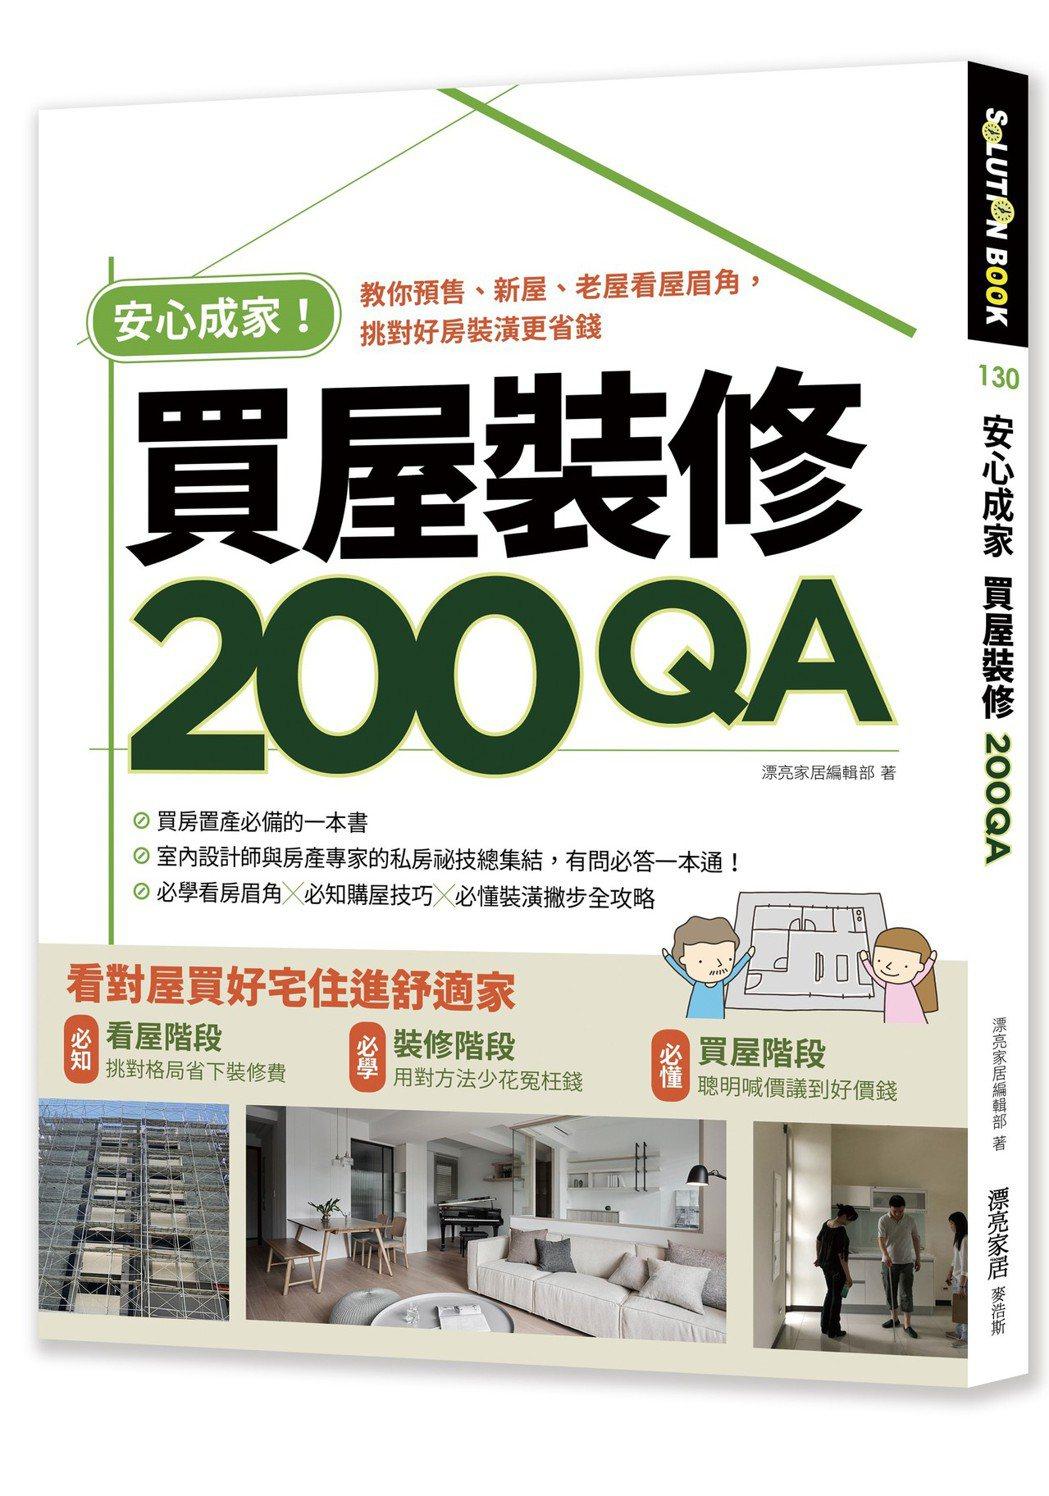 安心成家買屋裝修200QA。 圖/漂亮家居編輯部授權使用